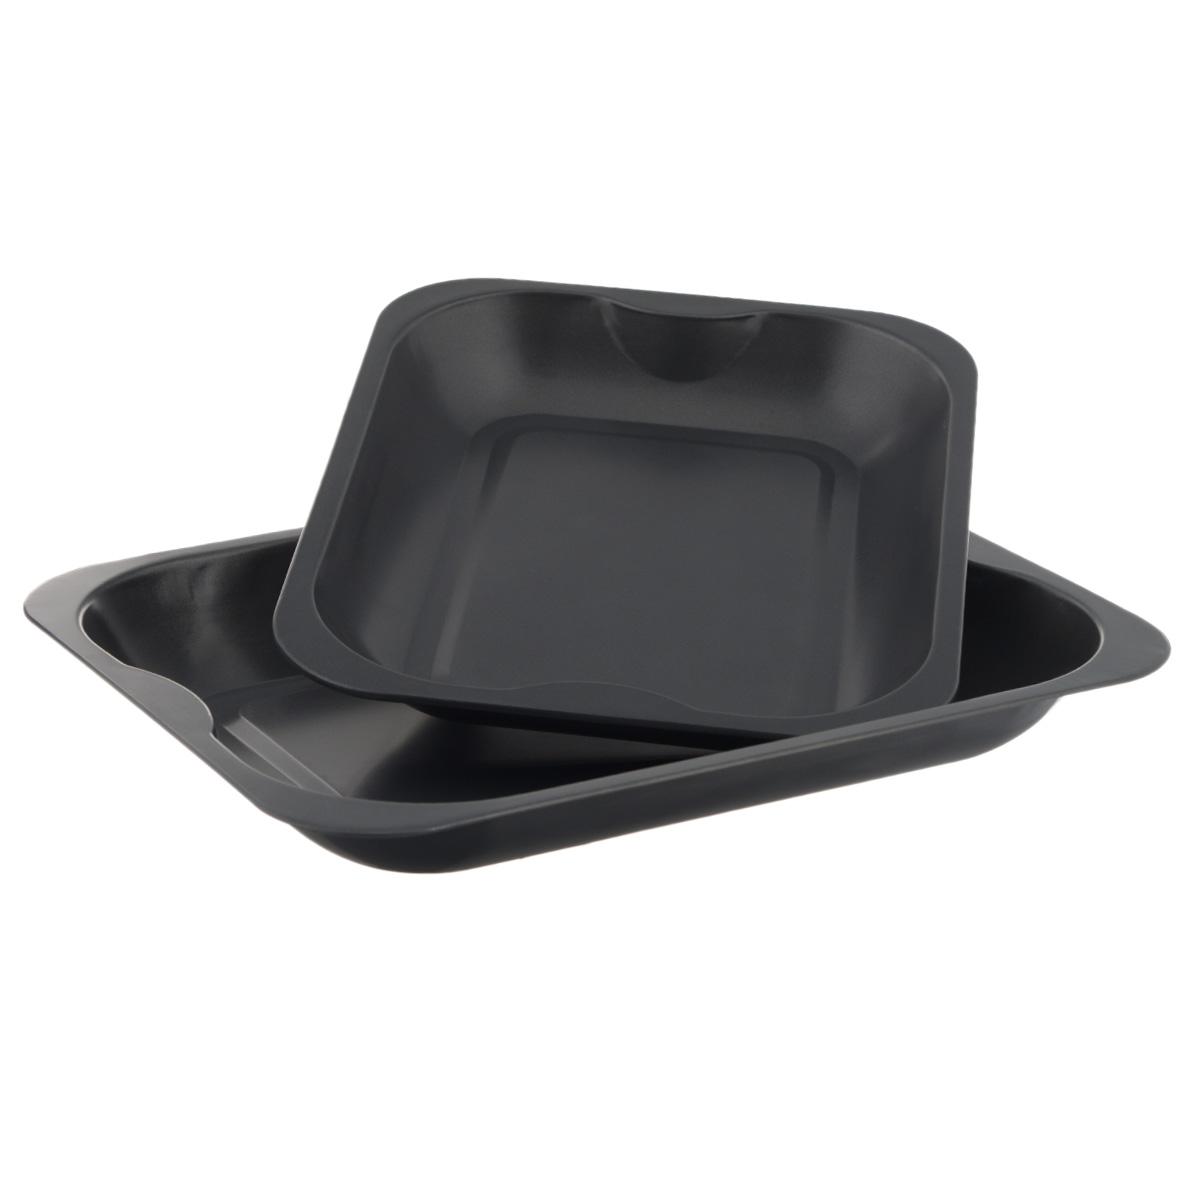 Набор противней Mayer & Boch, с антипригарным покрытием, прямоугольные, 2 шт21919Набор Mayer & Boch состоит из двух противней разного размера. Противни изготовлены из углеродистой стали с антипригарным покрытием, благодаря чему пища не пригорает и не прилипает к стенкам посуды. Кроме того, готовить можно с добавлением минимального количества масла и жиров. Антипригарное покрытие также обеспечивает легкость мытья. Внутренние боковые стенки ровные. Подходит для использования в духовом шкафу. Не подходит для СВЧ-печей. Рекомендуется ручная чистка. Используйте только деревянные и пластиковые лопатки. Размер малого противня (ДхШхВ): 32 см х 26 см х 4 см. Размер большого противня (ДхШхВ): 38,5 см х 30 см х 4,5 см.